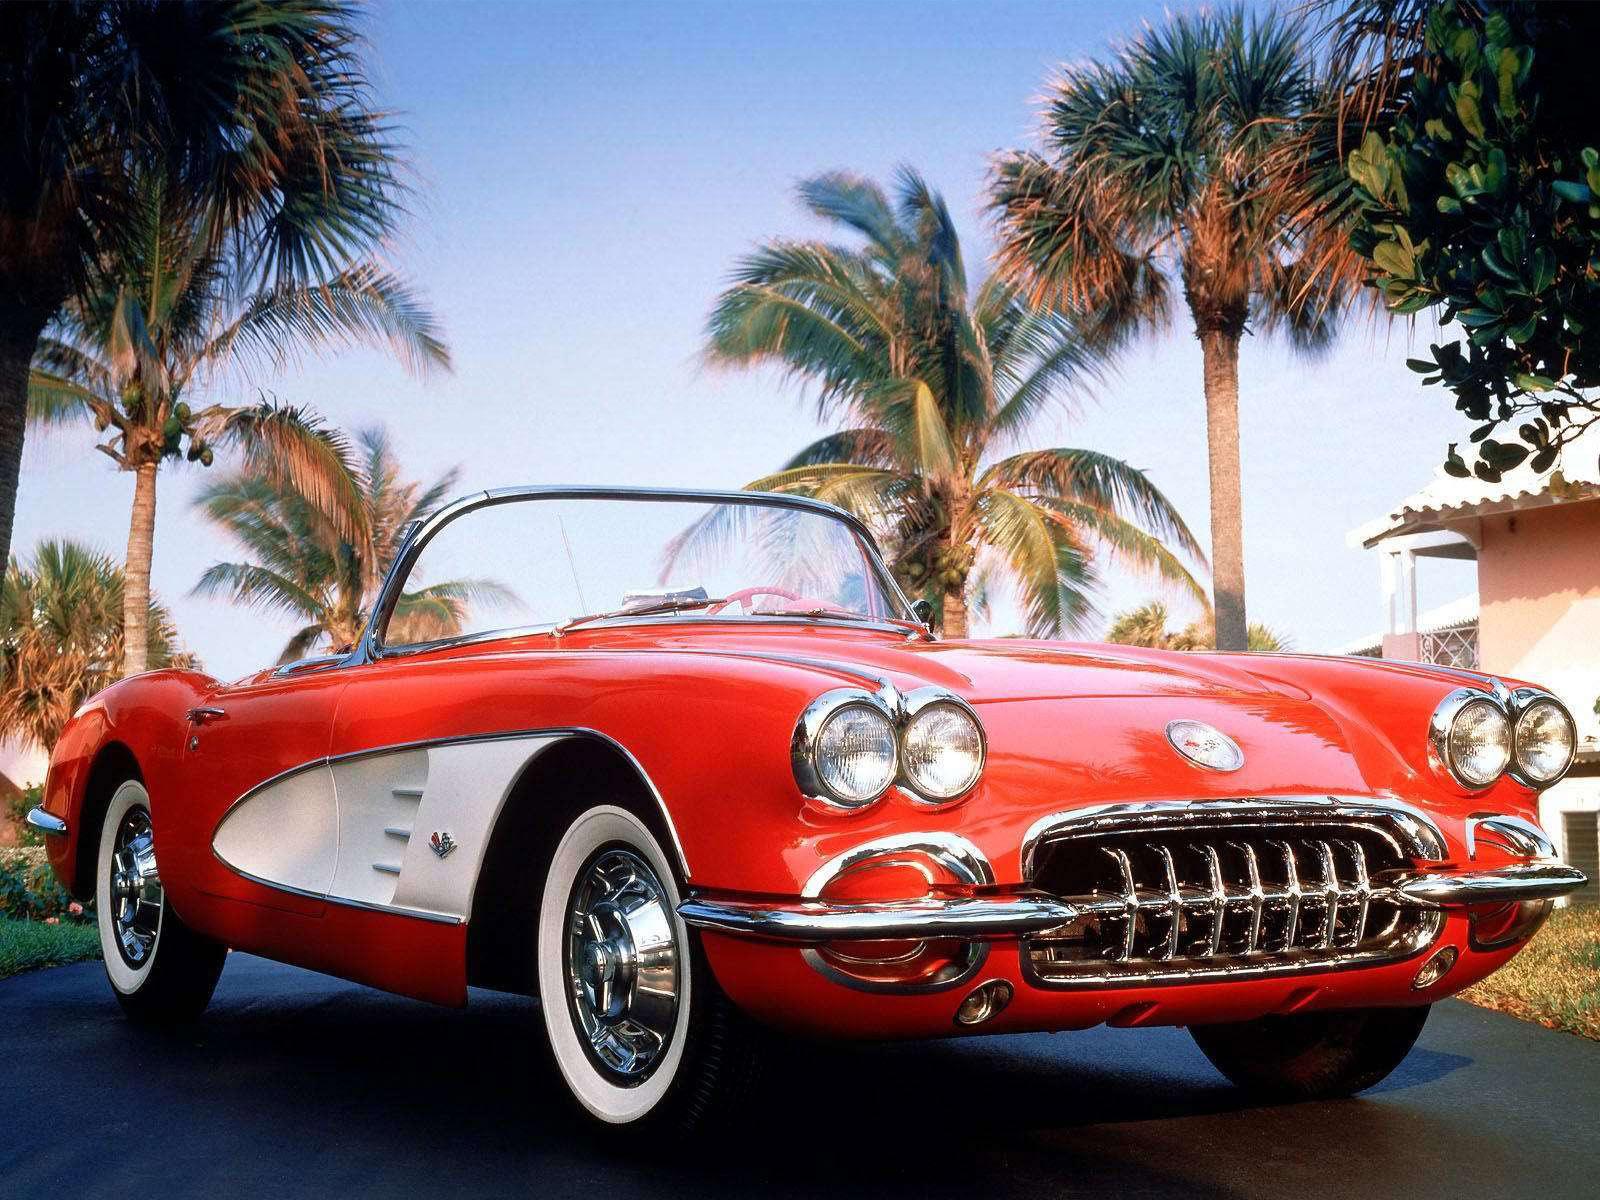 1959_Chevrolet_Corvette_(_C1_)_010_9991